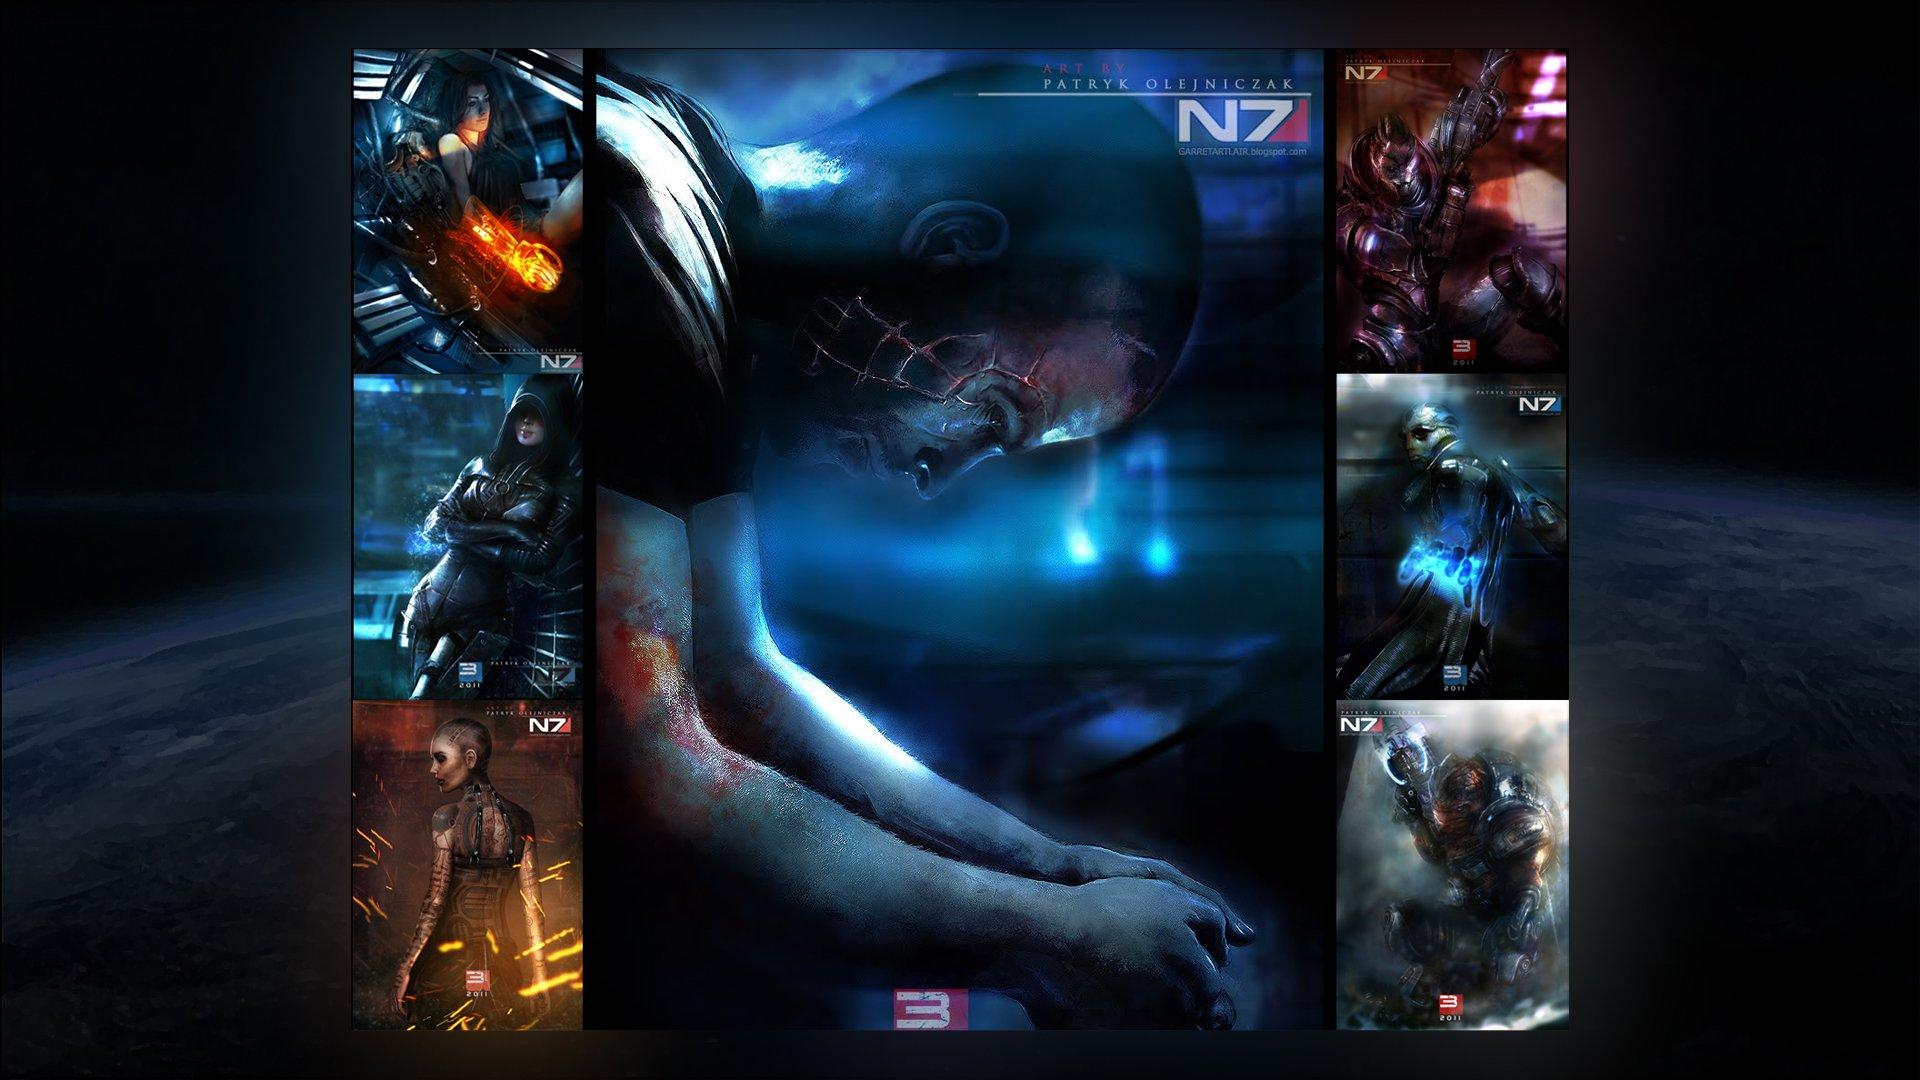 Как вы думаете, что нас ждет в Mass Effect 4сколько то лет после окончаний 3 части? все будет в гармонии с технологи ... - Изображение 1